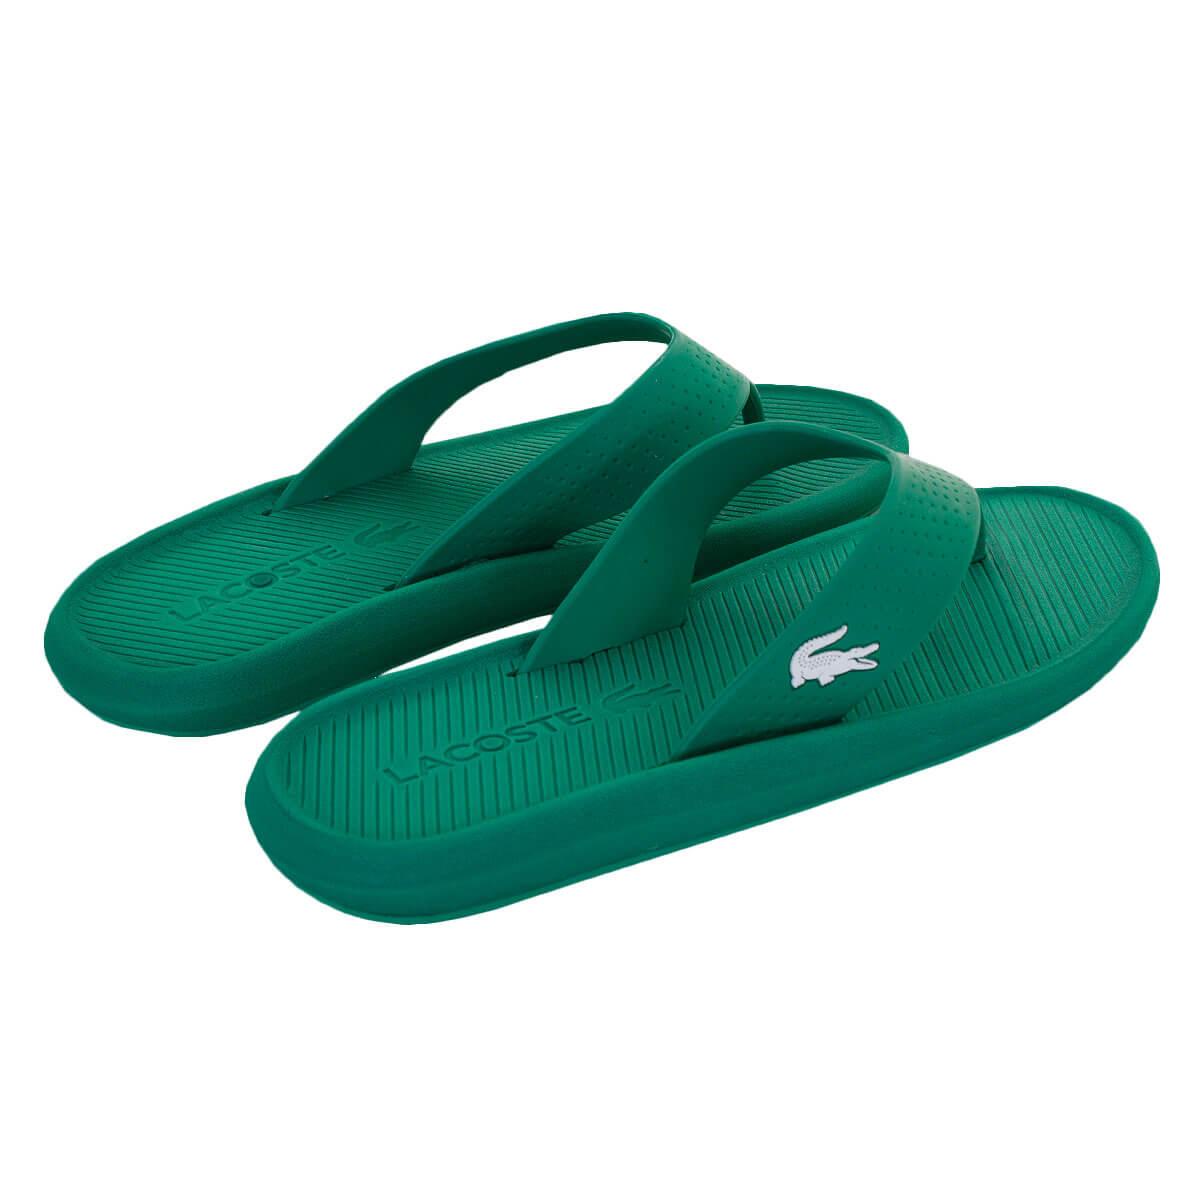 9bb1adada62 Lacoste Mens 2019 Croco Sandal 219 1 CMA Flip Flops